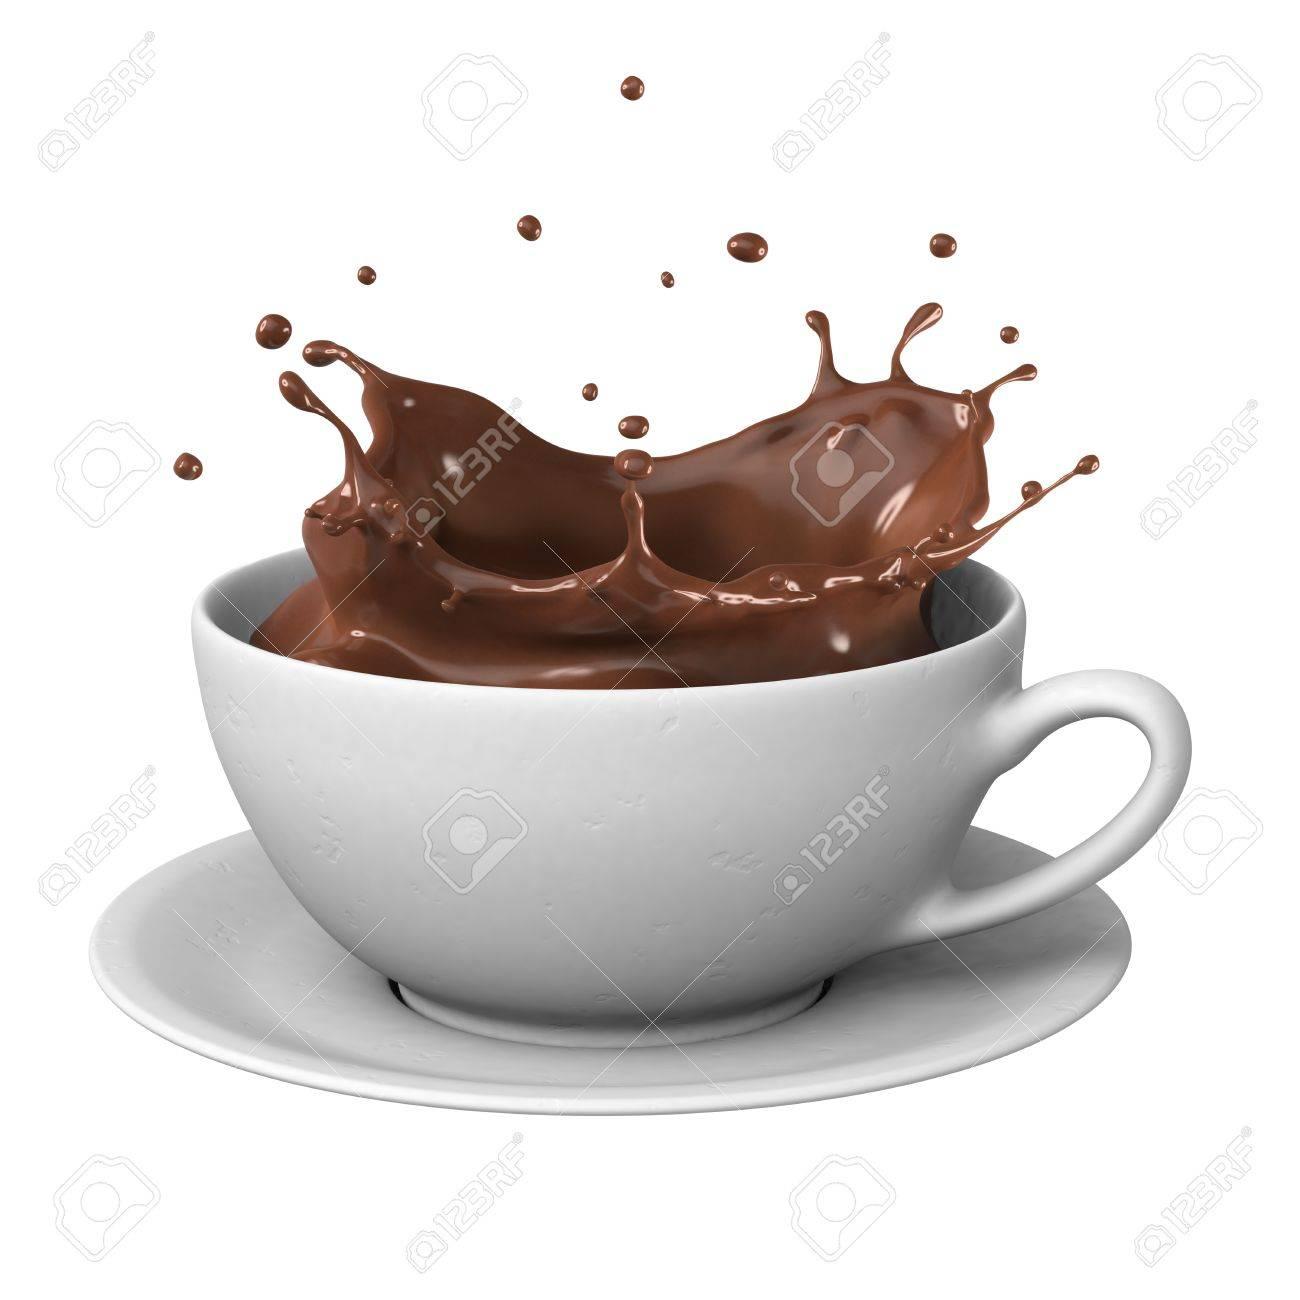 Taza De Chocolate Caliente Imágenes De Archivo, Vectores, Taza De ...